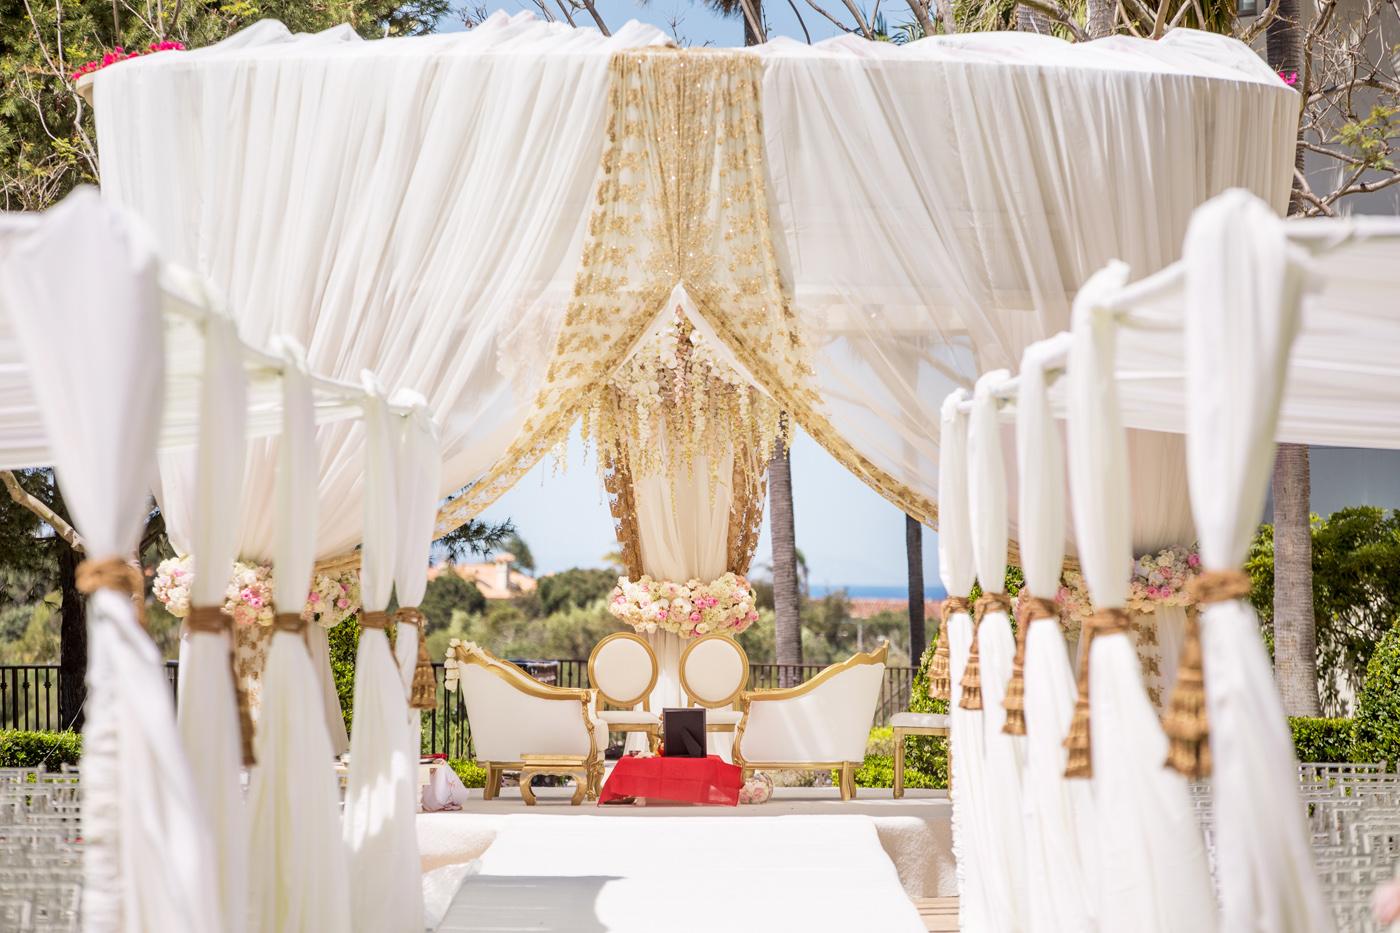 091_DukePhotography_DukeImages_Wedding_Details.jpg